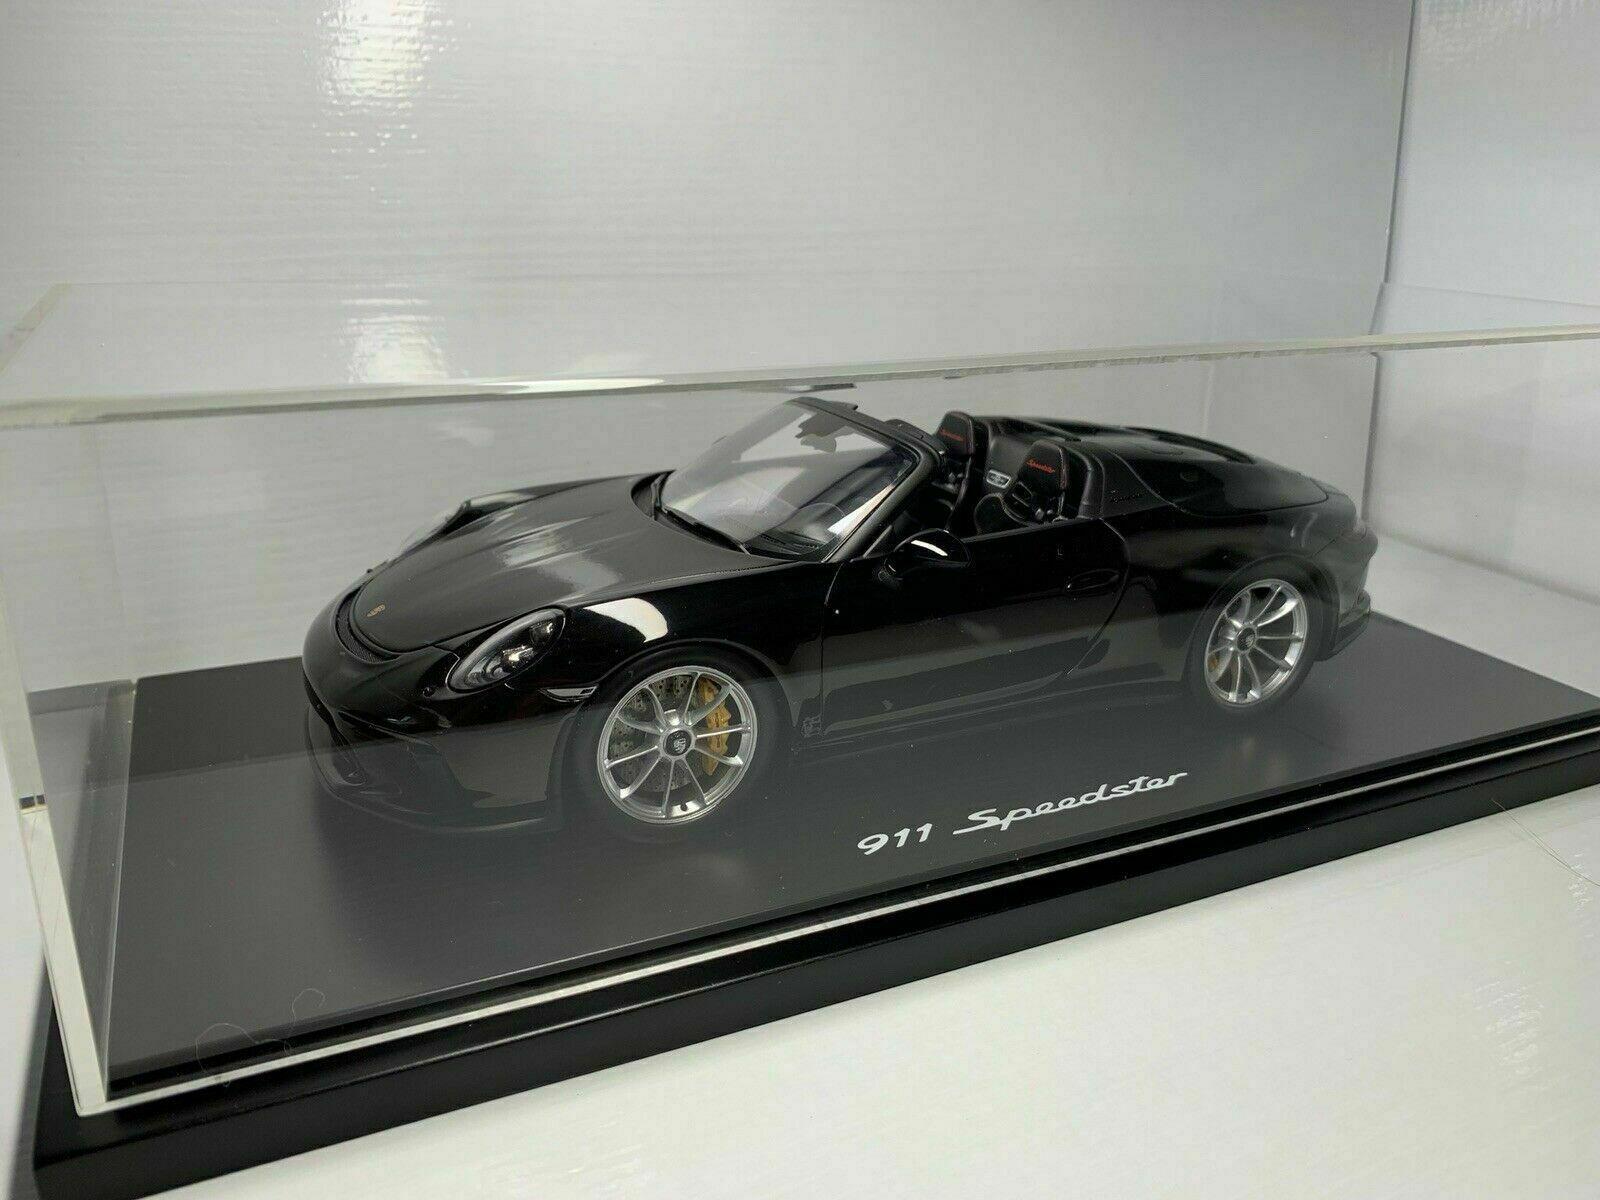 1 18 Spark Dealermodell WAP0219320K041 2019 Porsche 991 Speedster Negro +